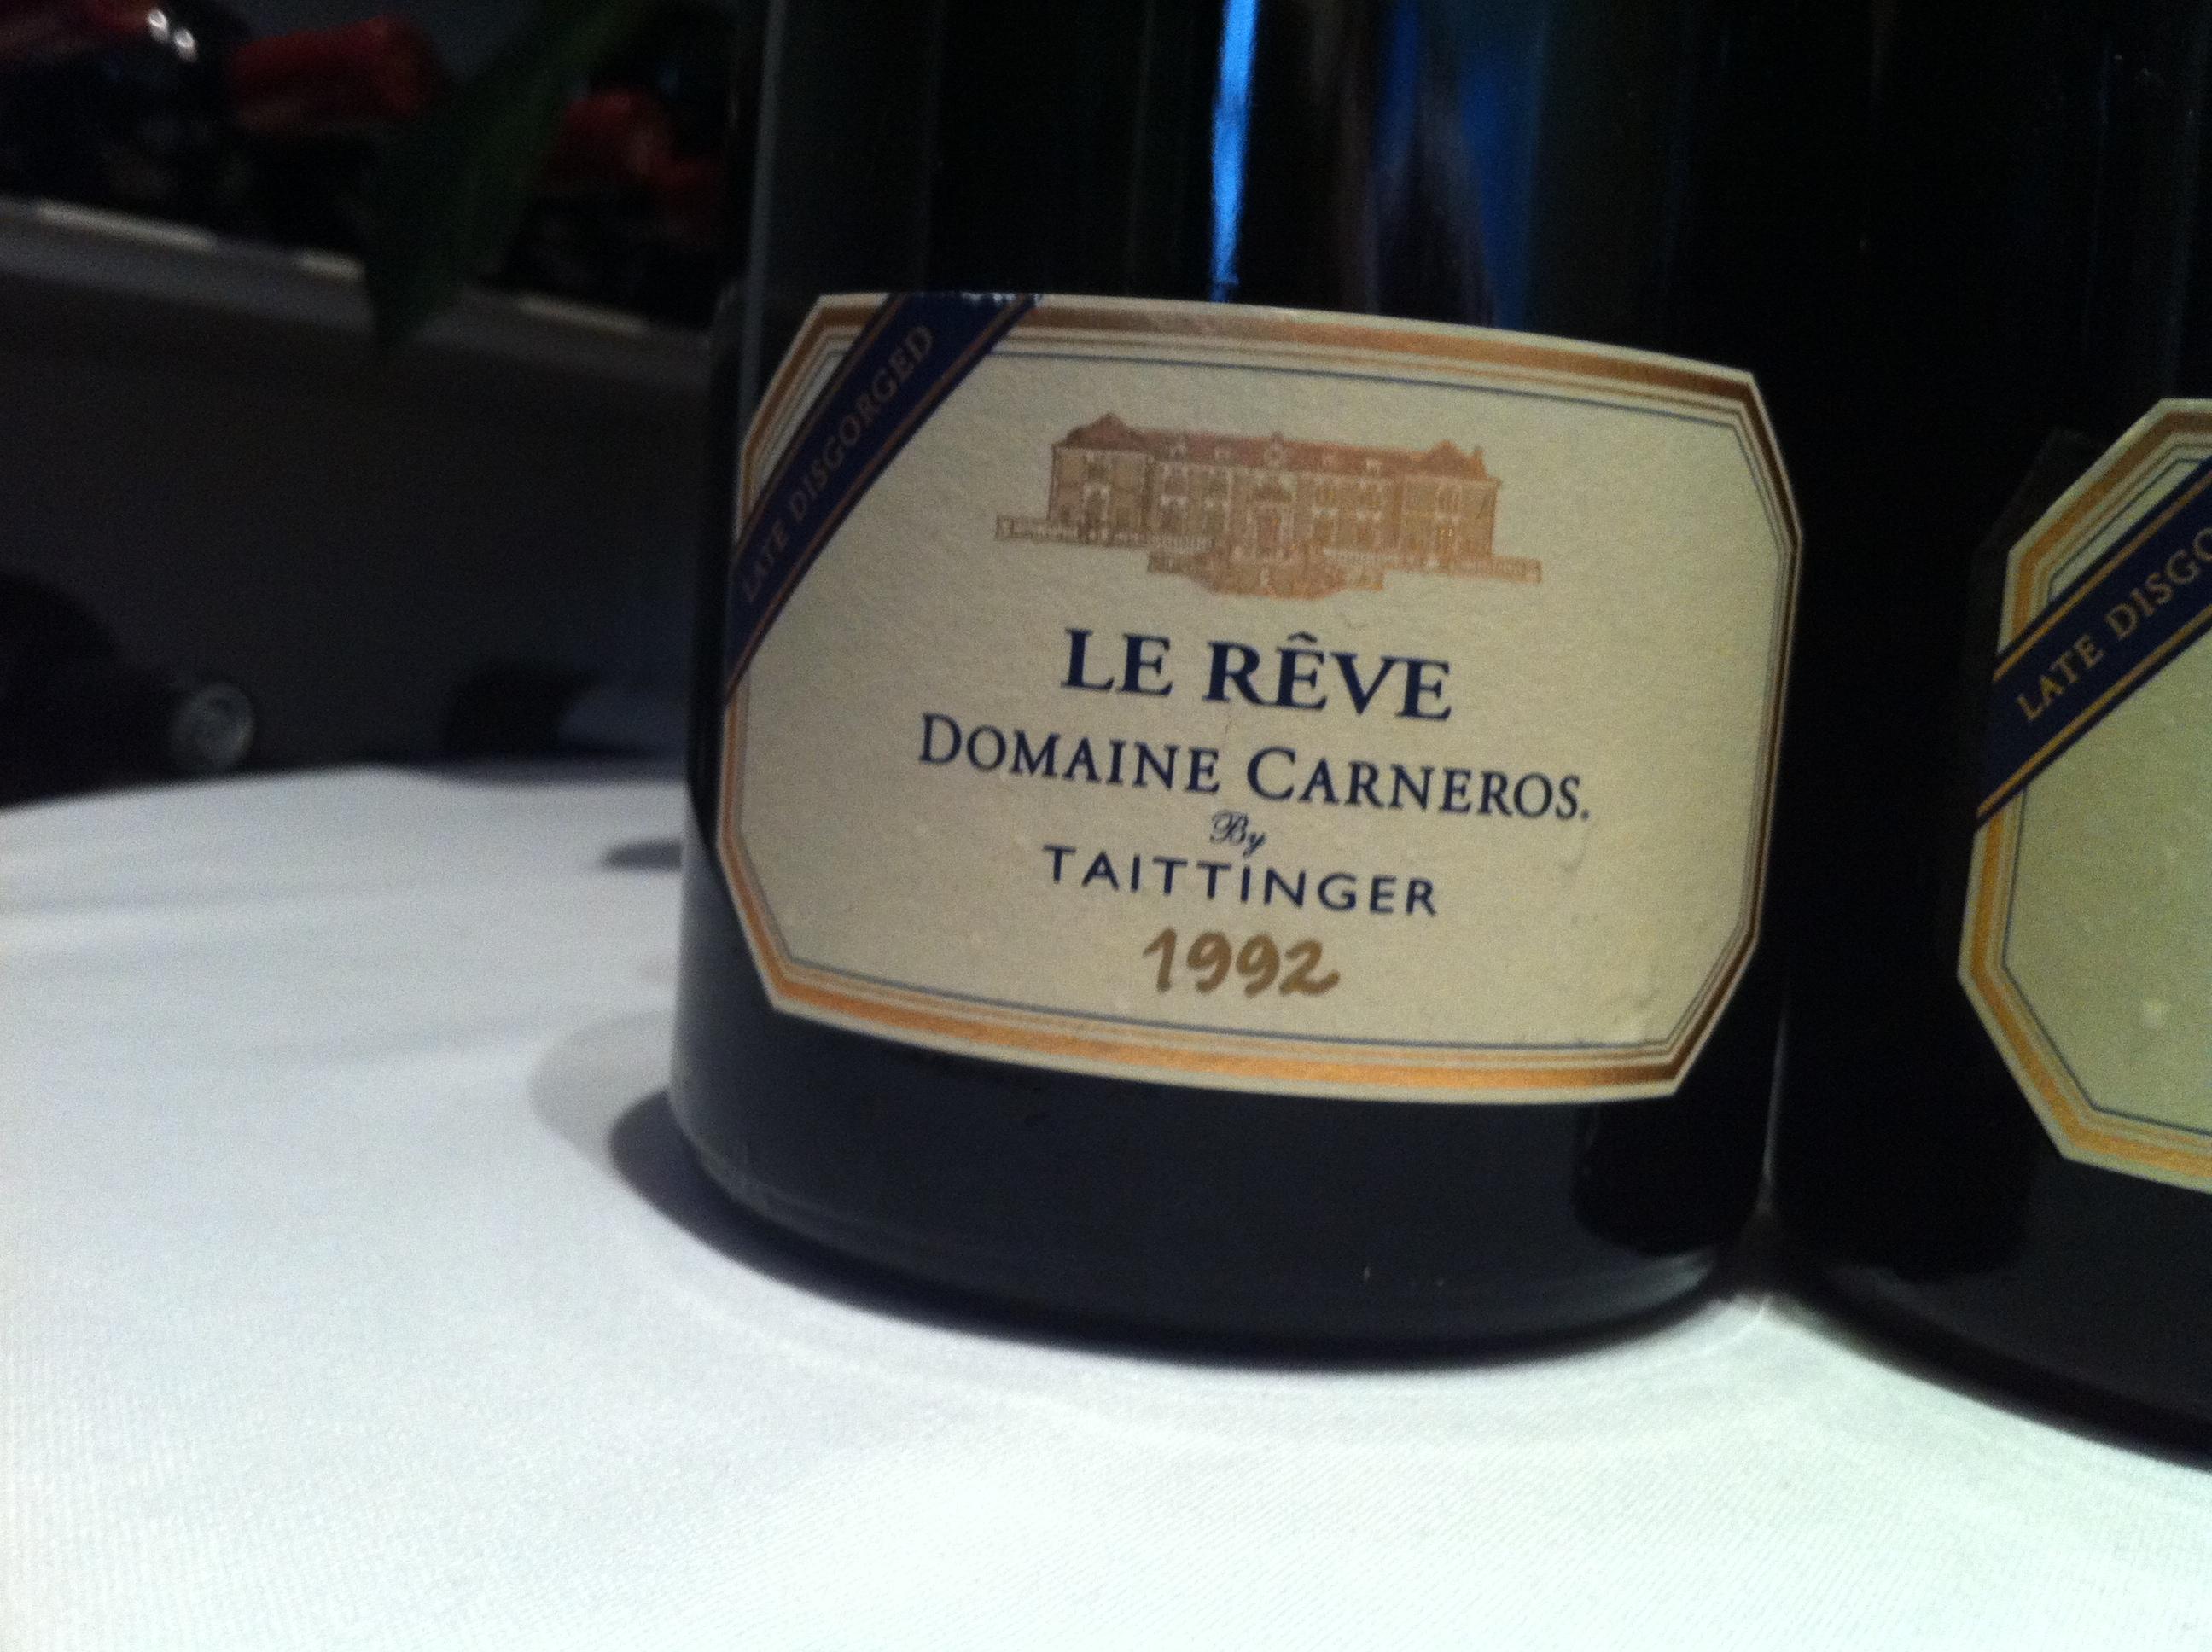 1992 Domaine Carneros Le Reve Blanc de Blancs